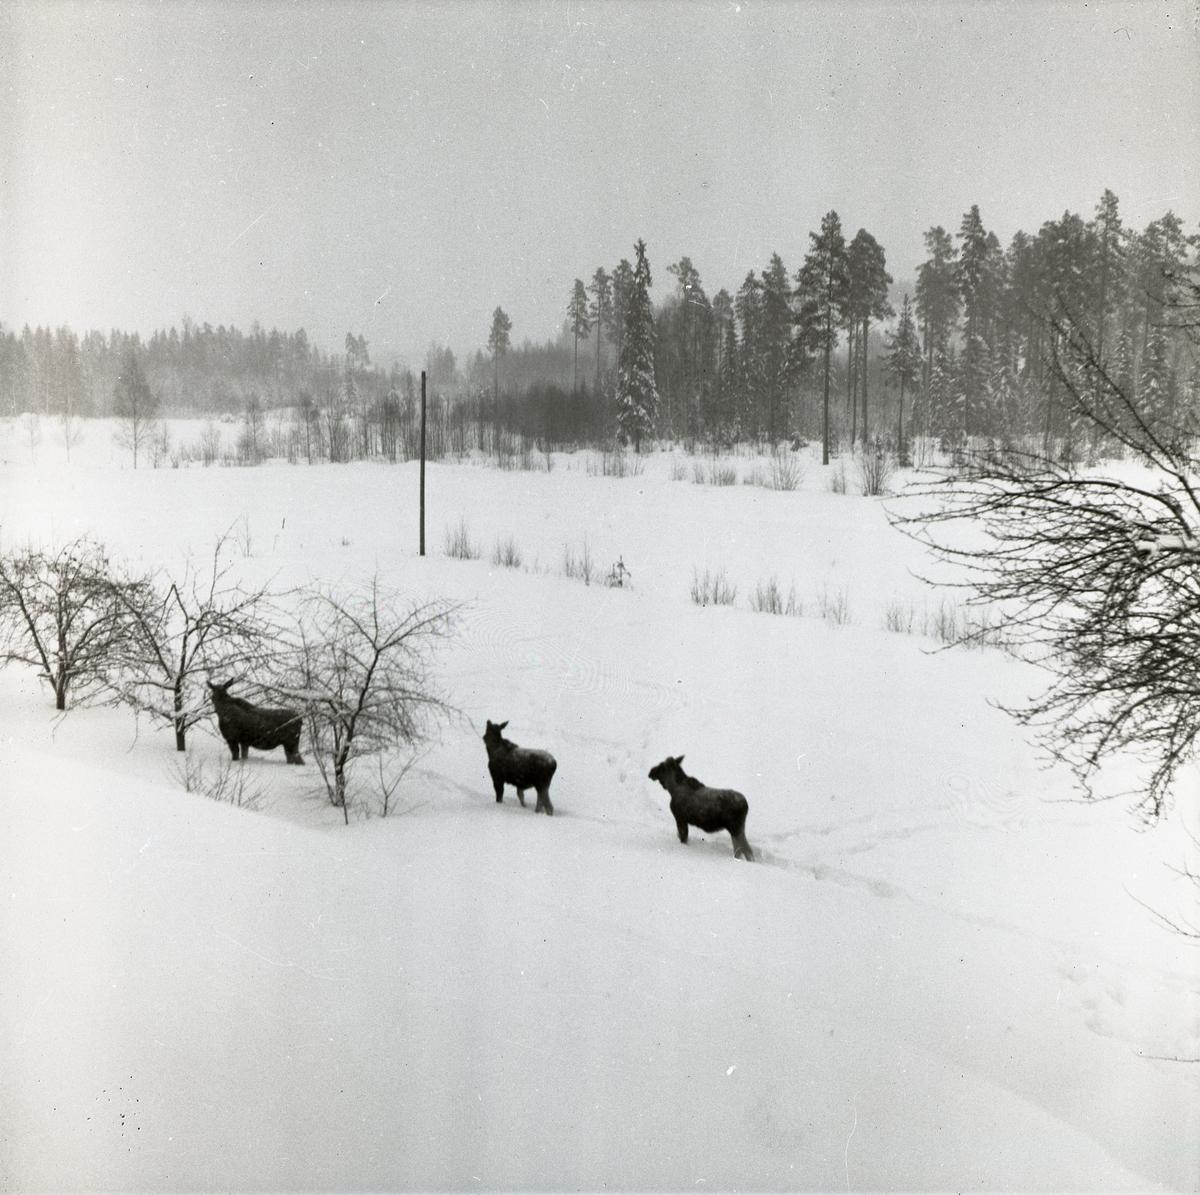 Tre älgar på vandring i snön, Skalby 1 februari 1953.